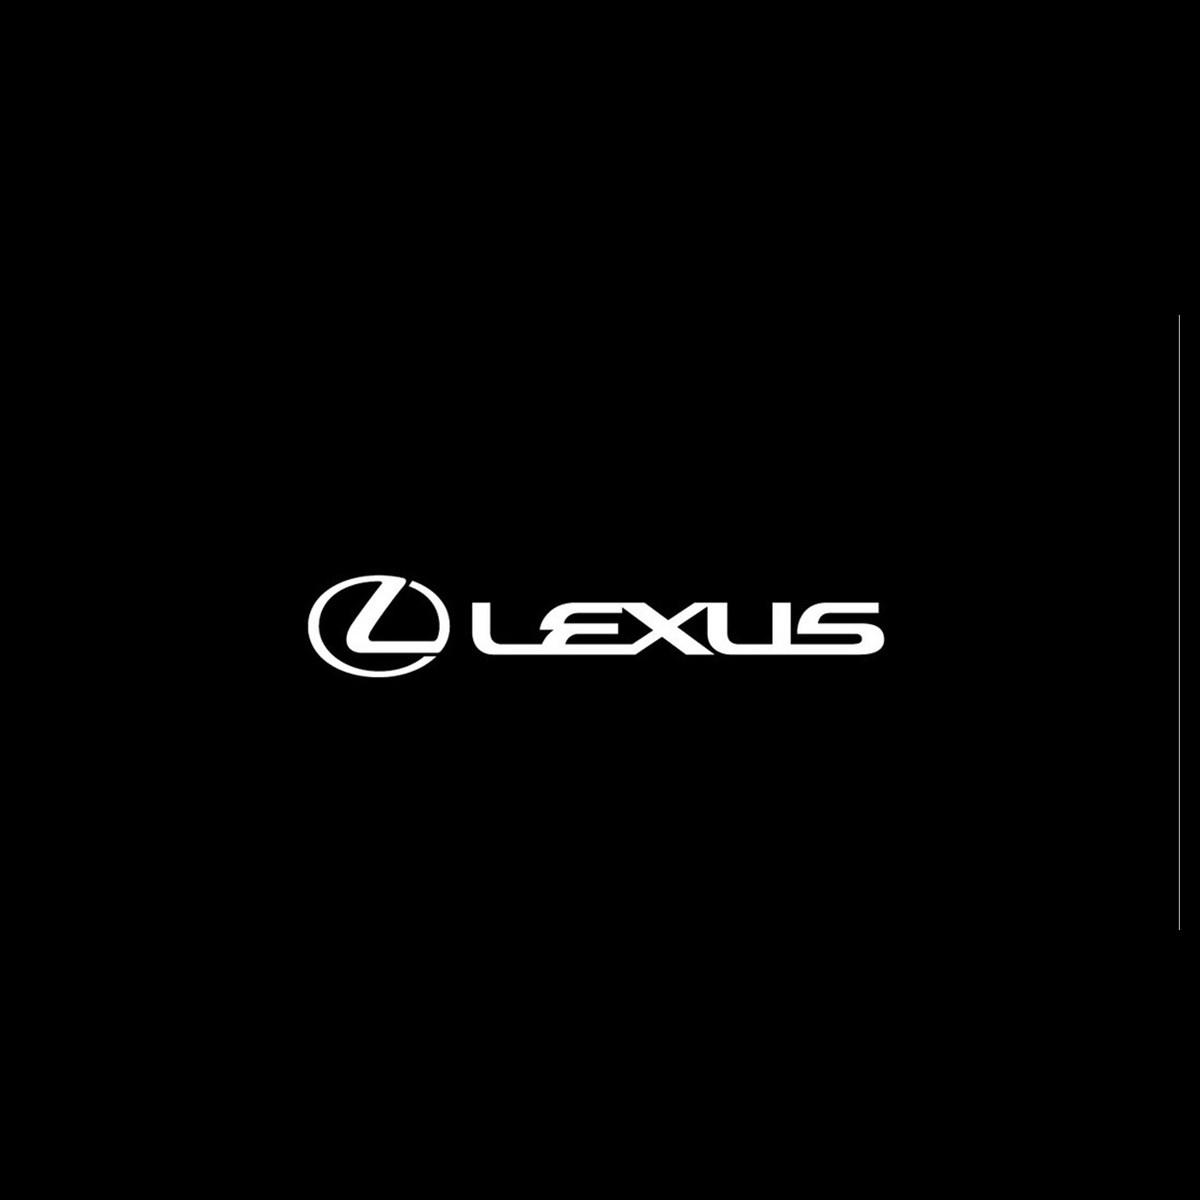 lexus logo lediamond